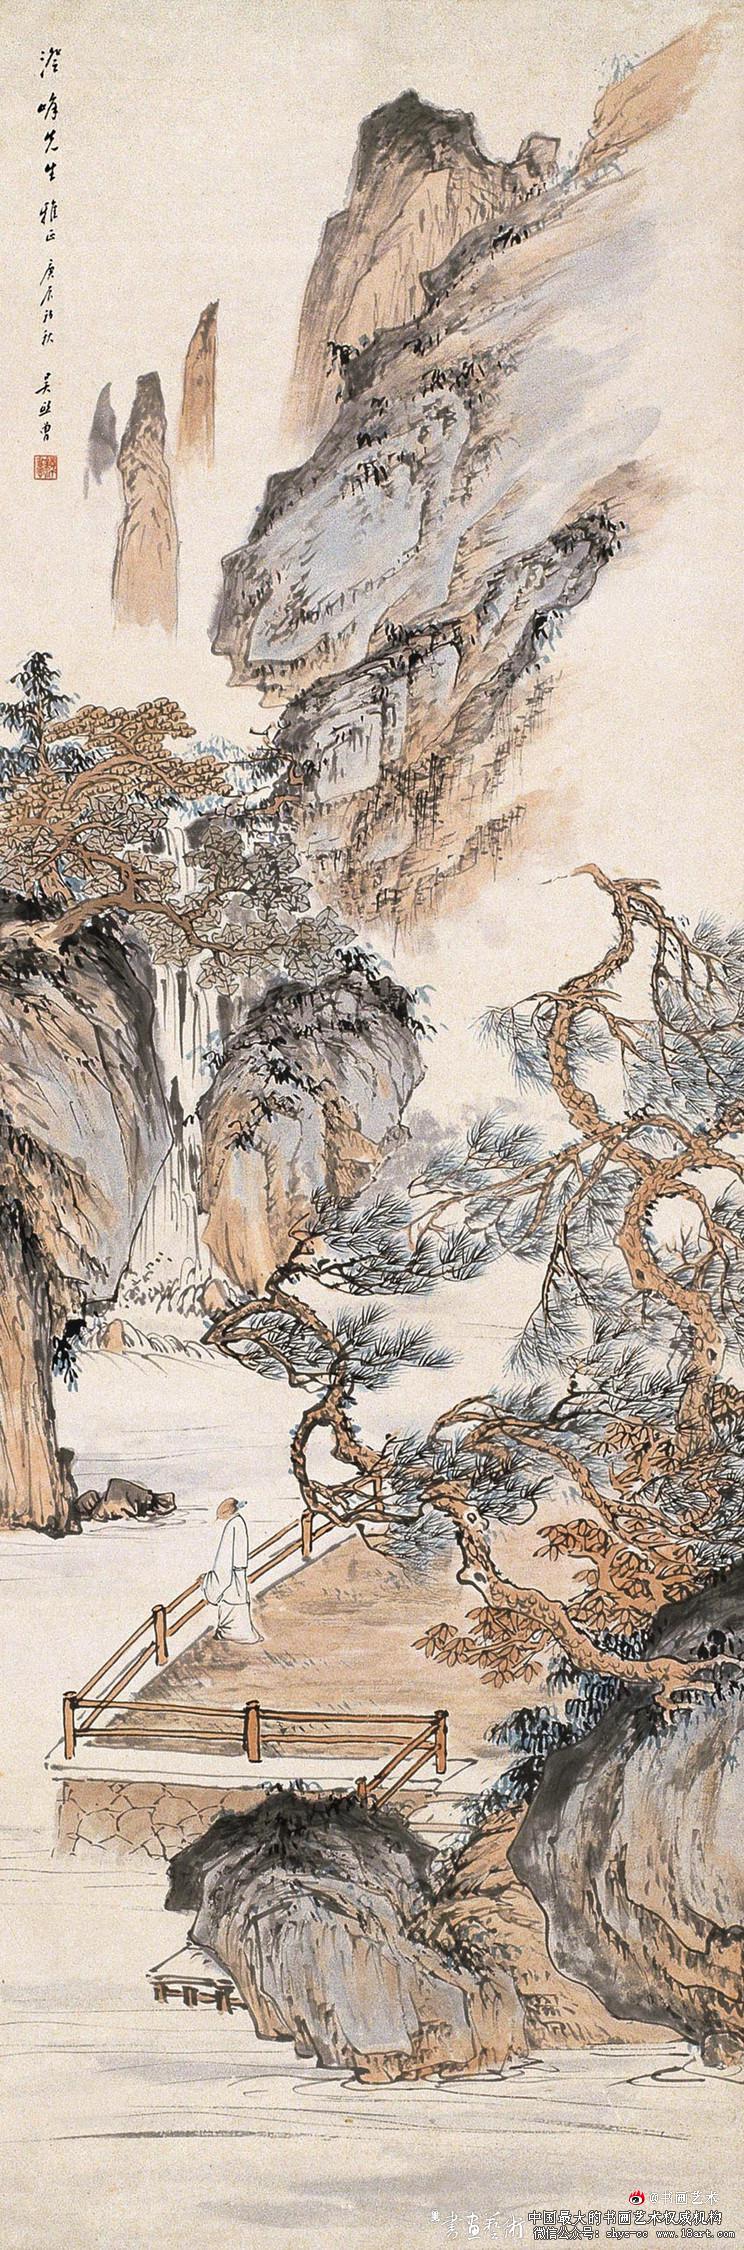 吴镜汀 山水画